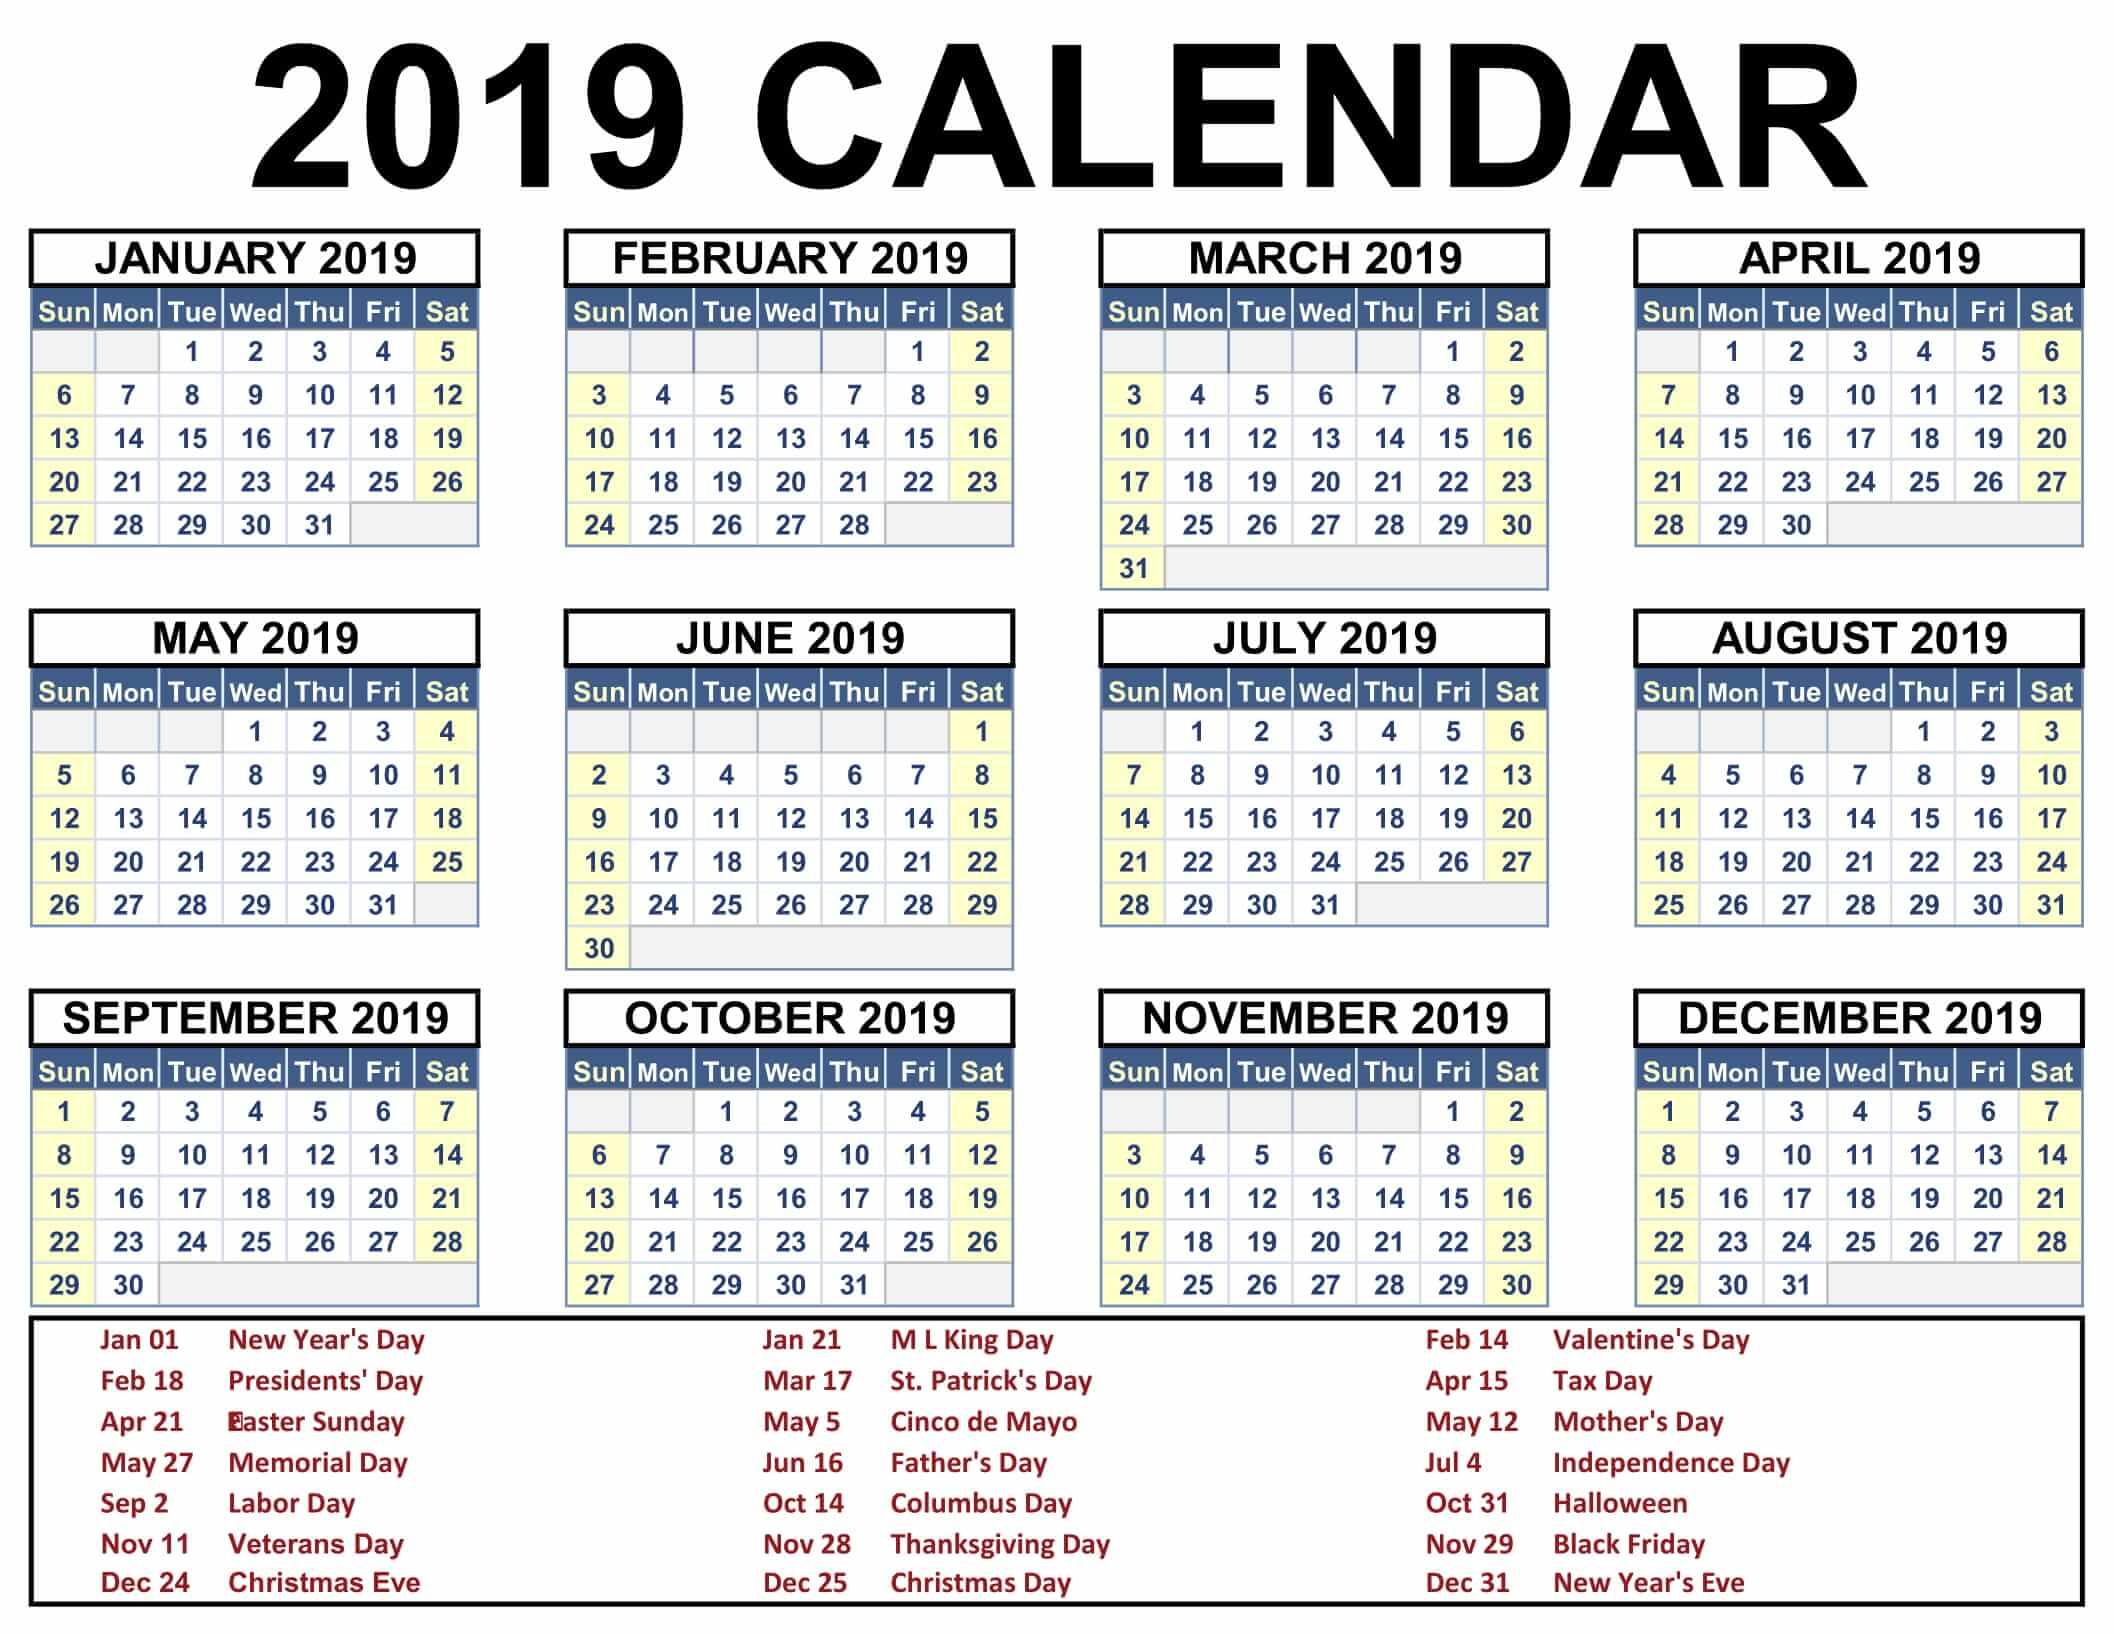 Zile libere 2019 – Cum arată calendarul sărbătorilor legale de anul viitor!